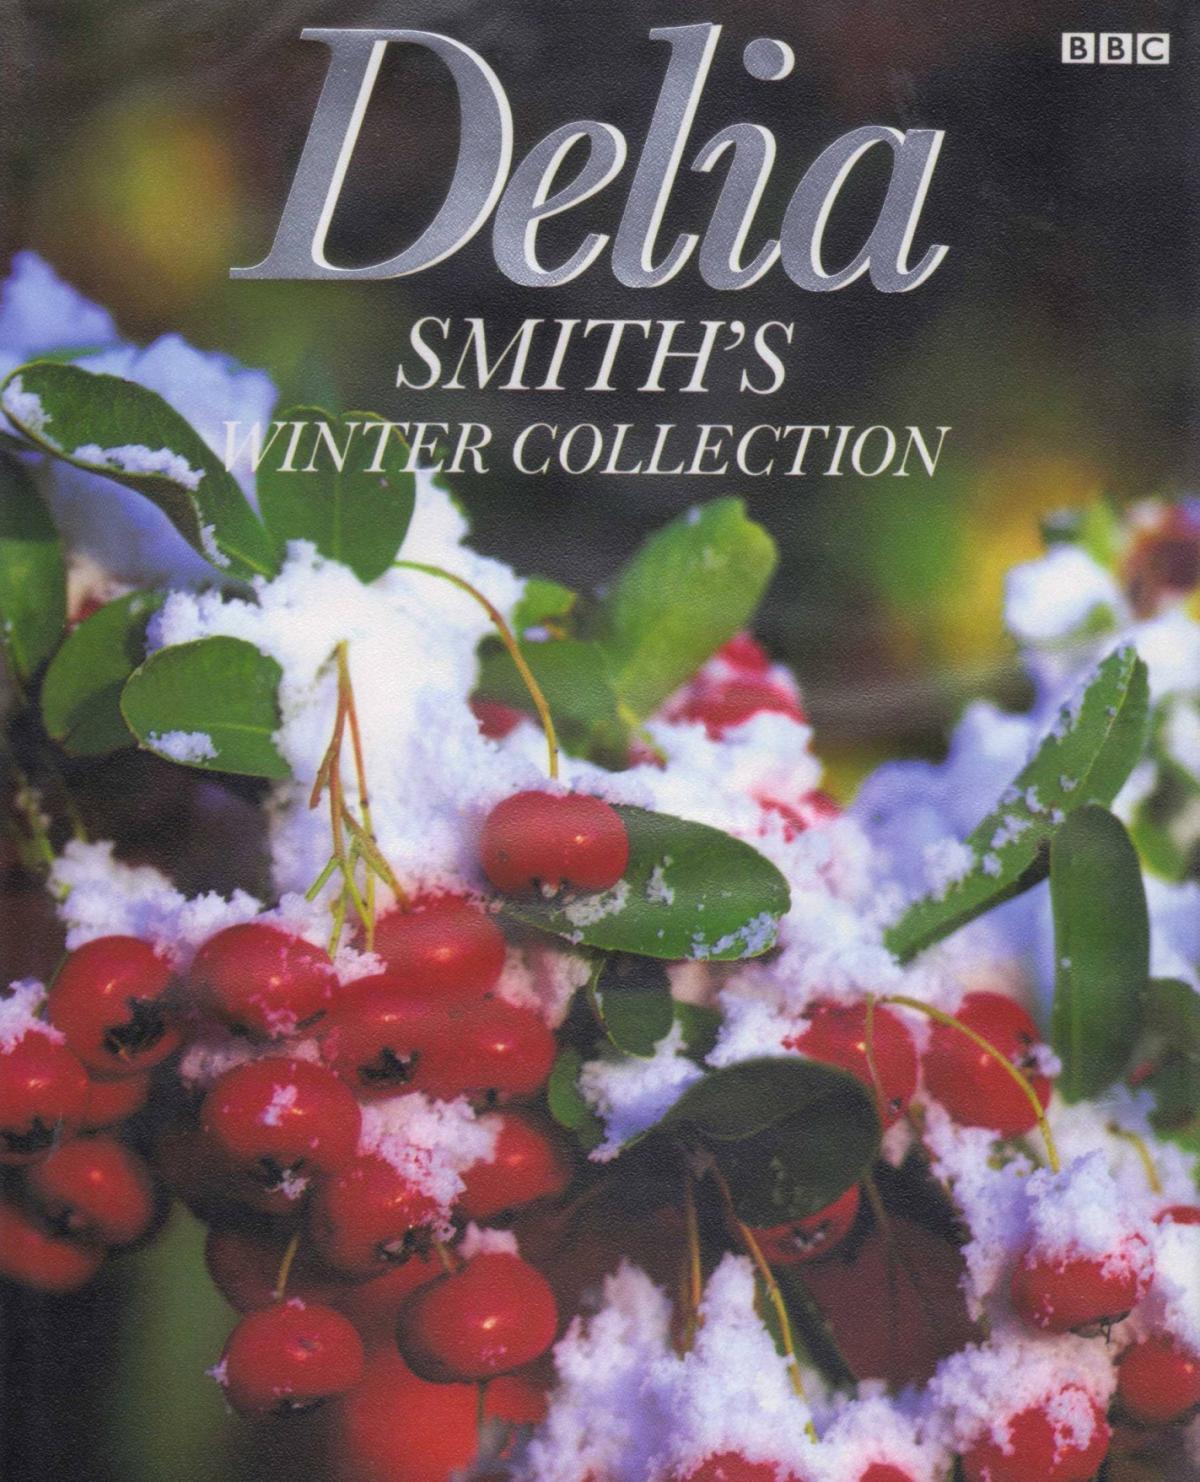 A picture of Delia's Delia's Winter Collection recipes